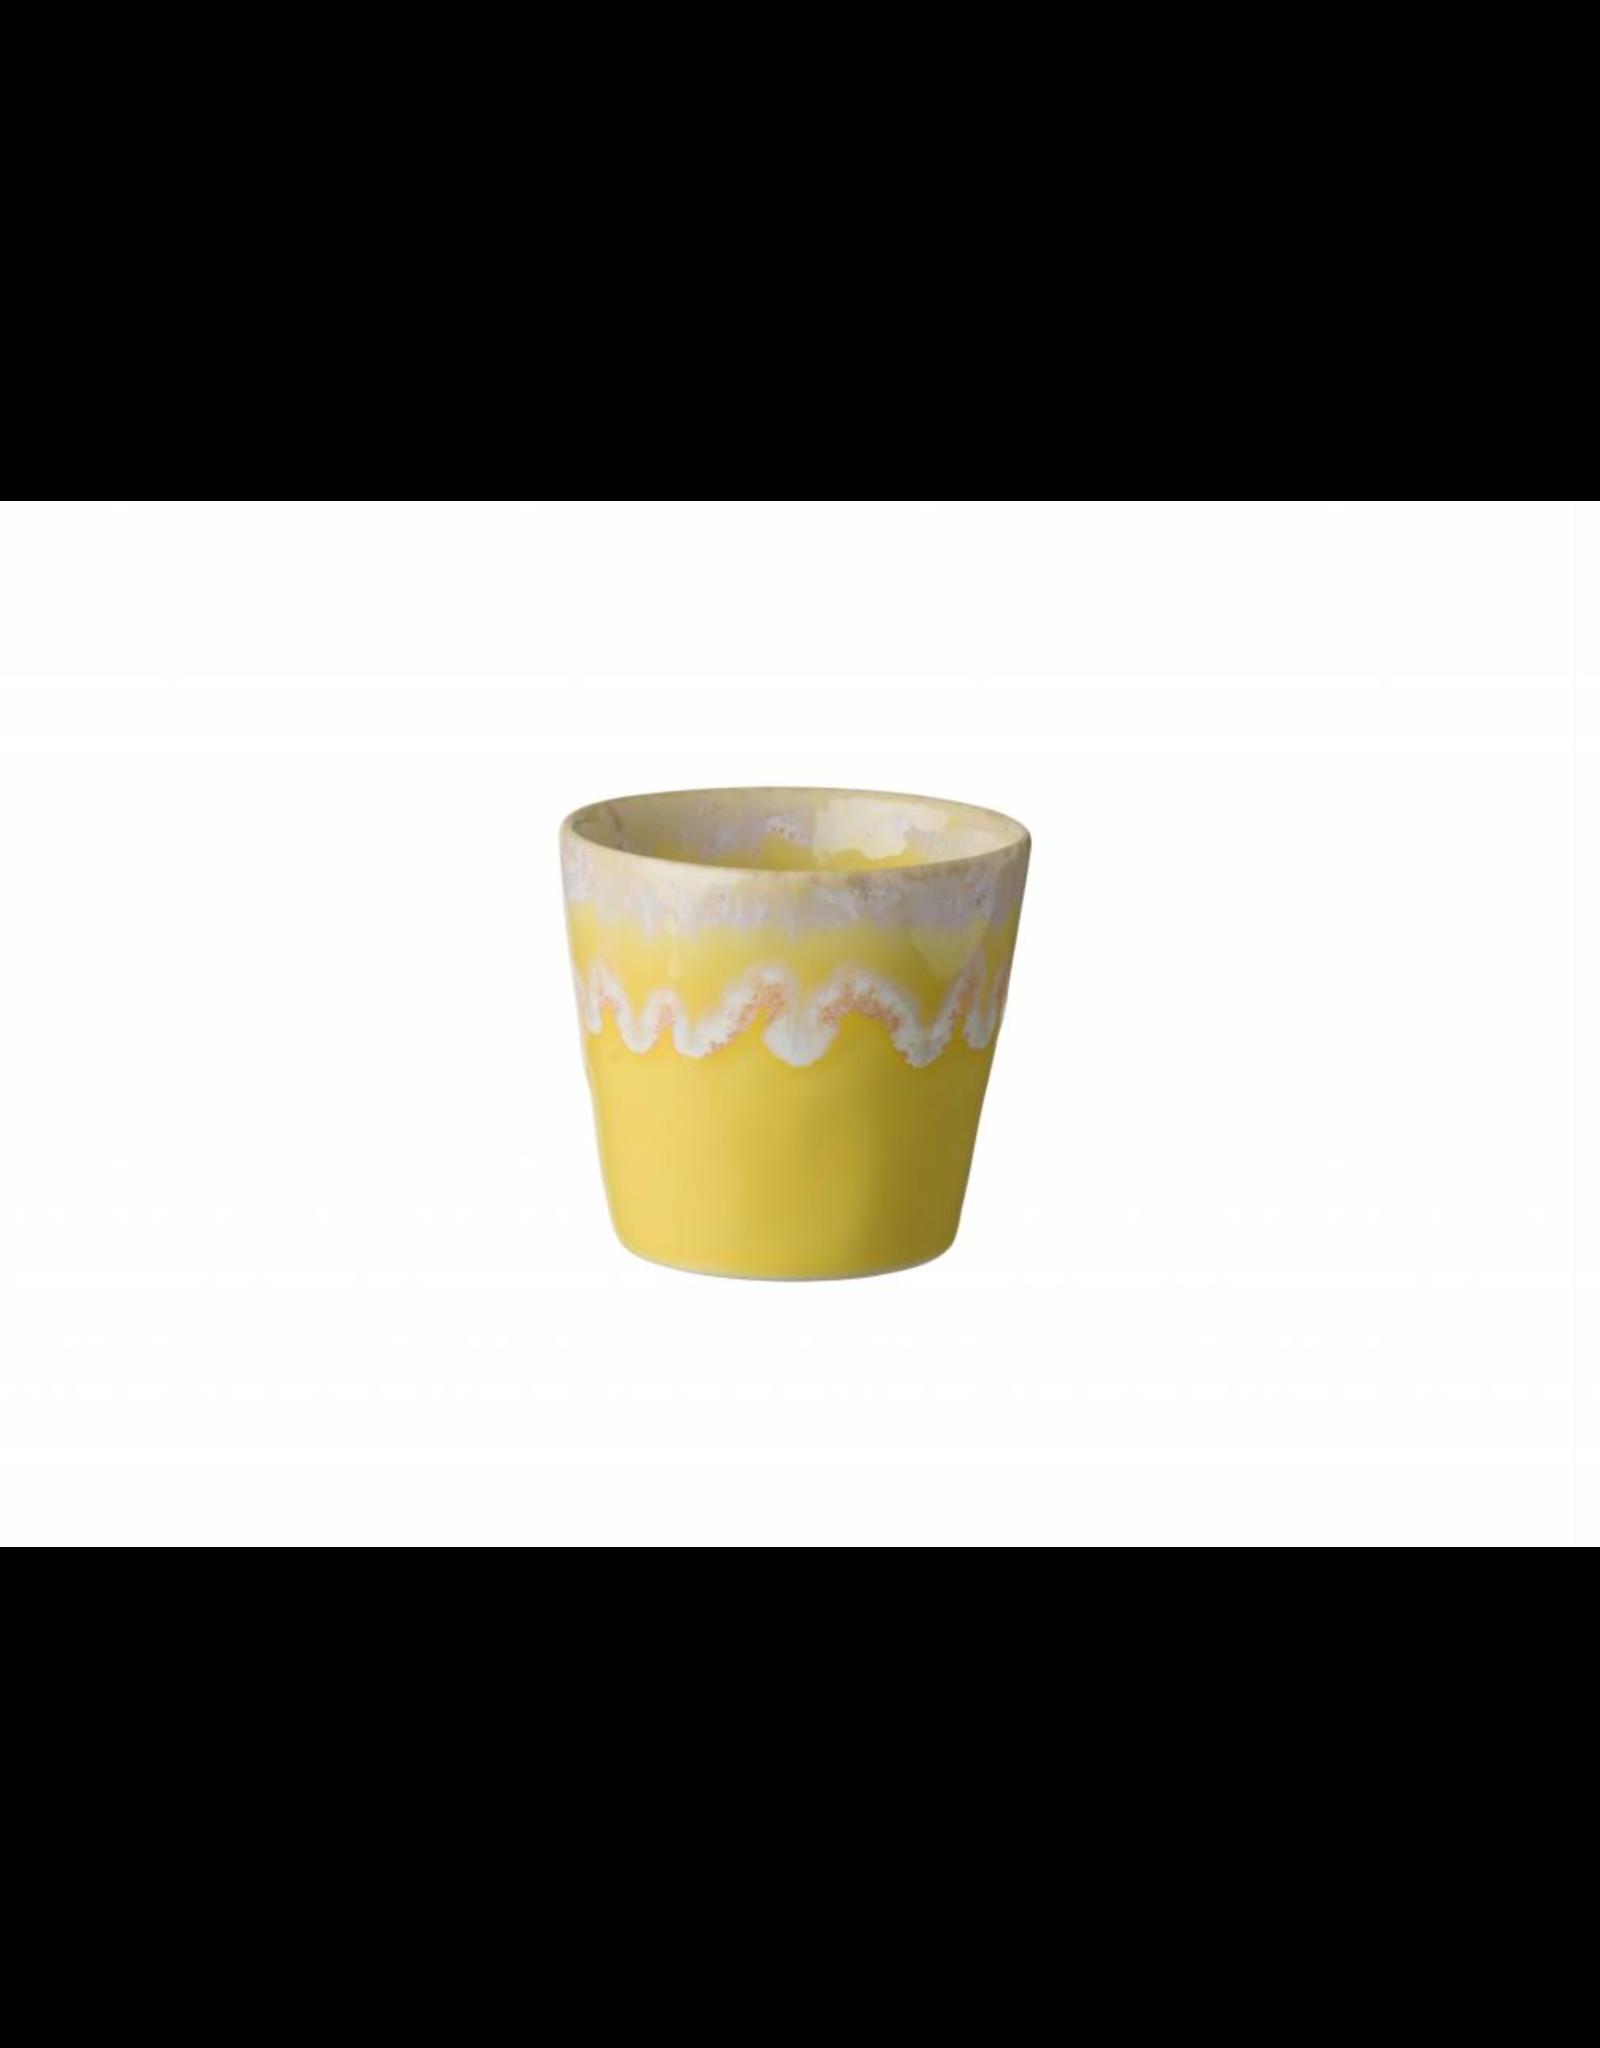 Kitchen Trend Grespresso lungo kopje geel